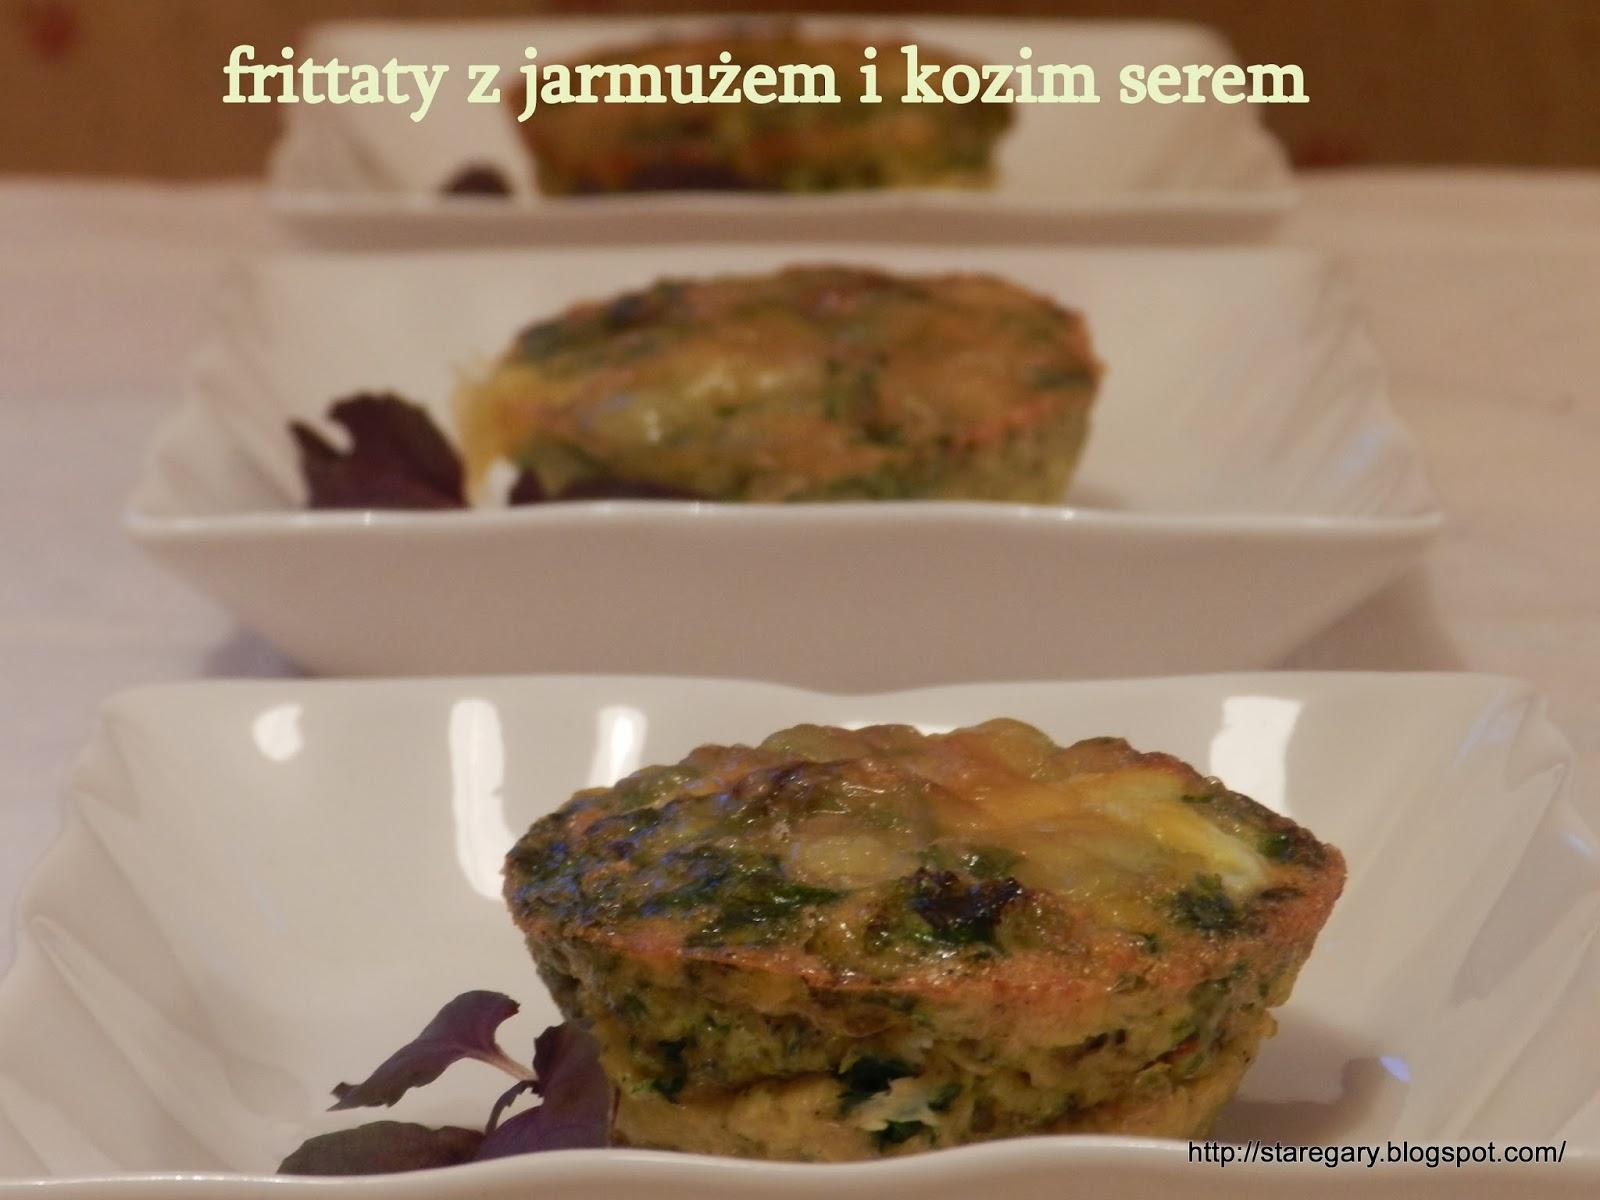 Małe frittaty z jarmużem i kozim serem